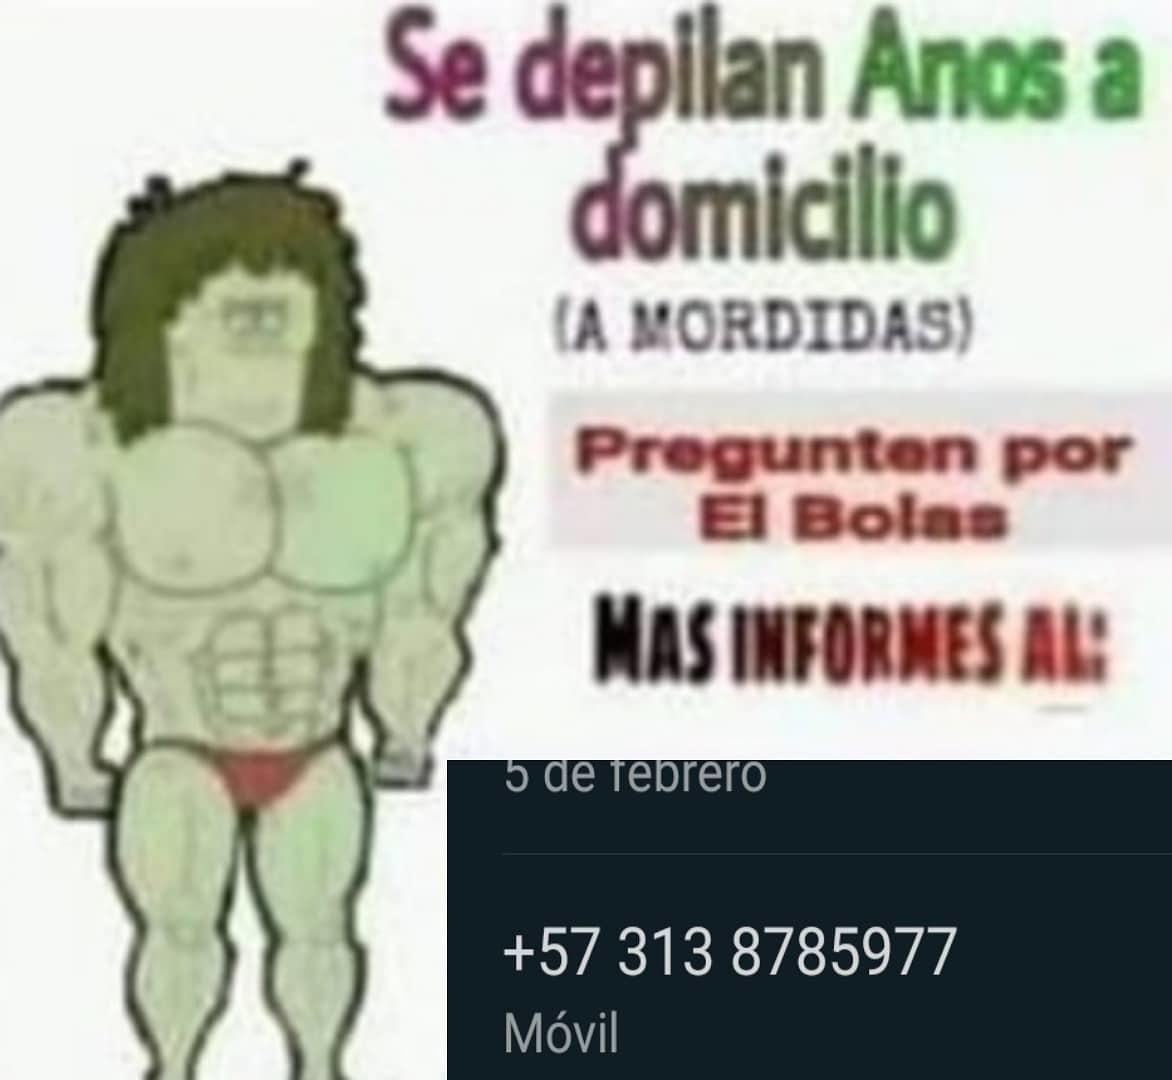 LLAME AHORA Y TENDRA UN DESCUENTO ESPECIAL - meme